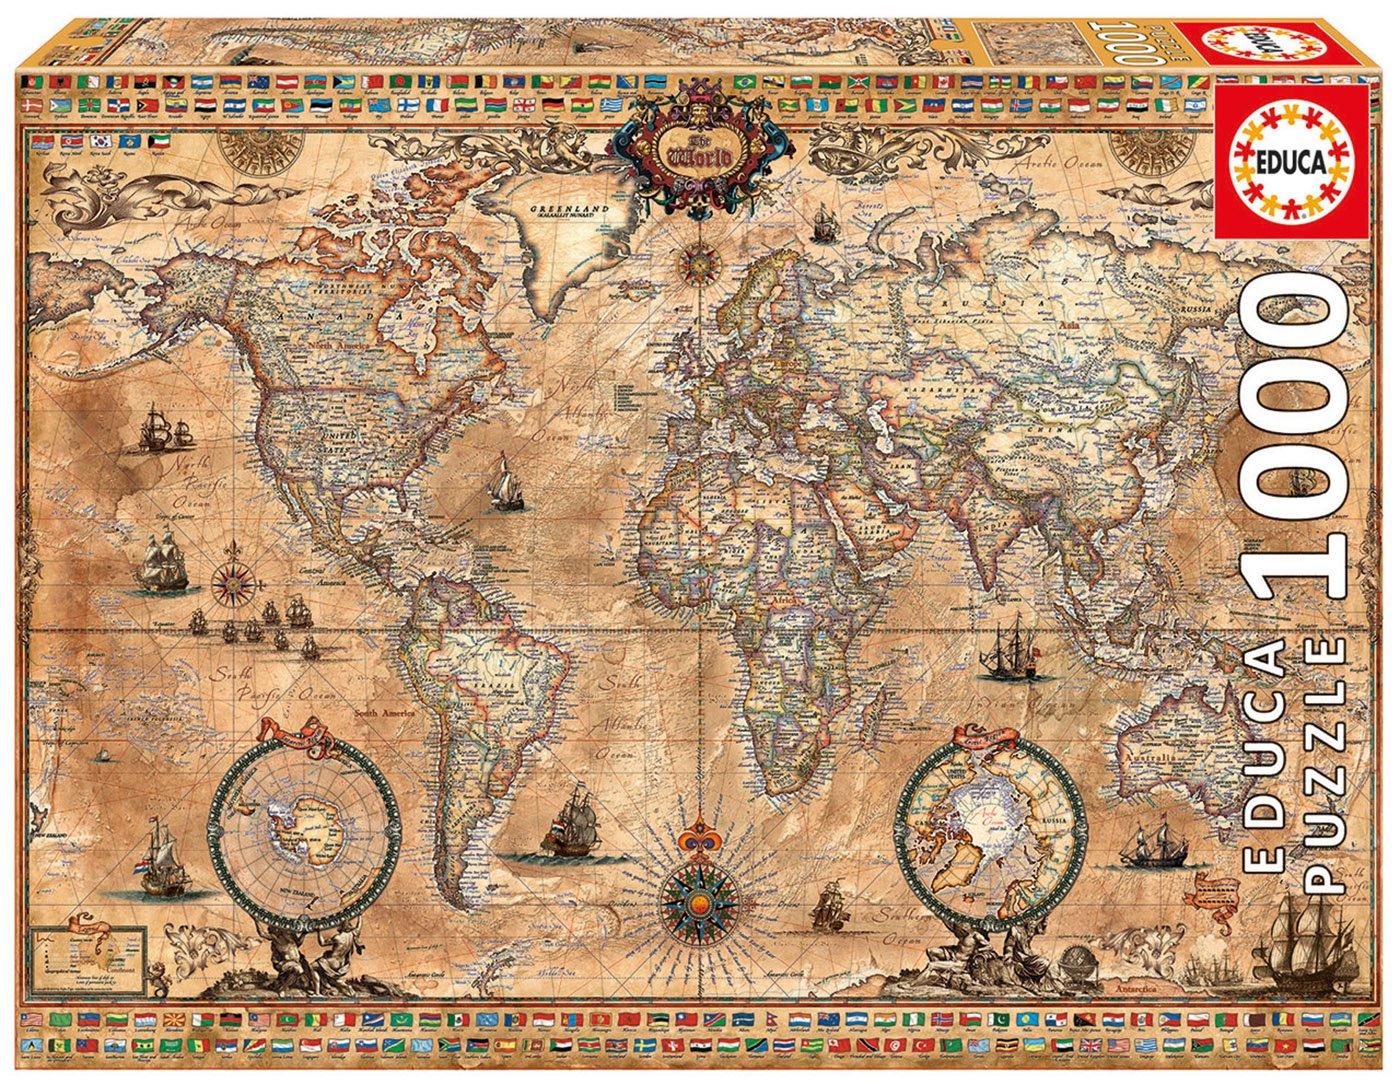 Educa Borrás - Puzzle Mapamundi de 1000 piezas (15159) 29-15159